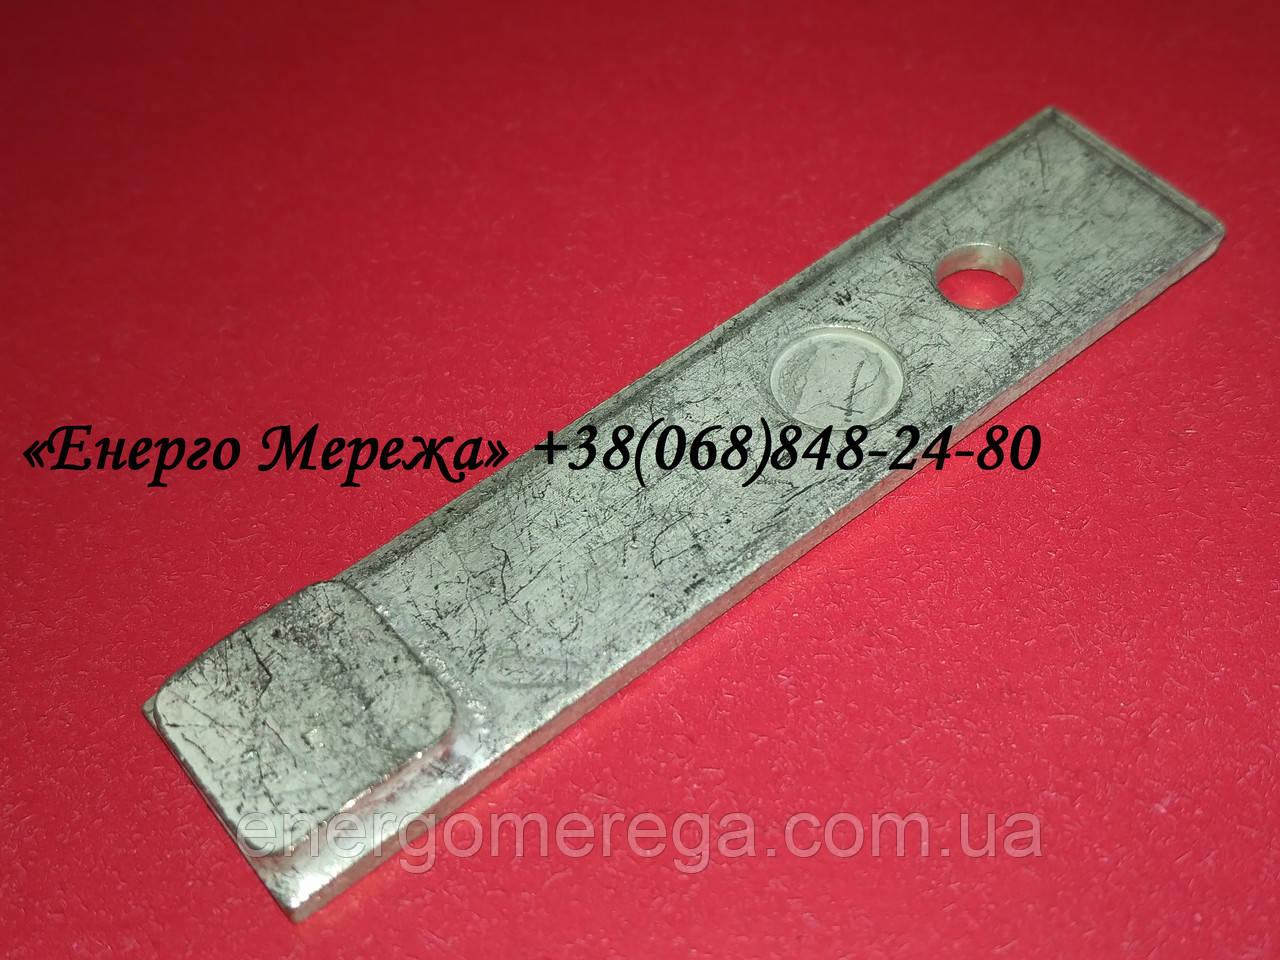 Контакты МК 2-10 (подвижные,серебряные)